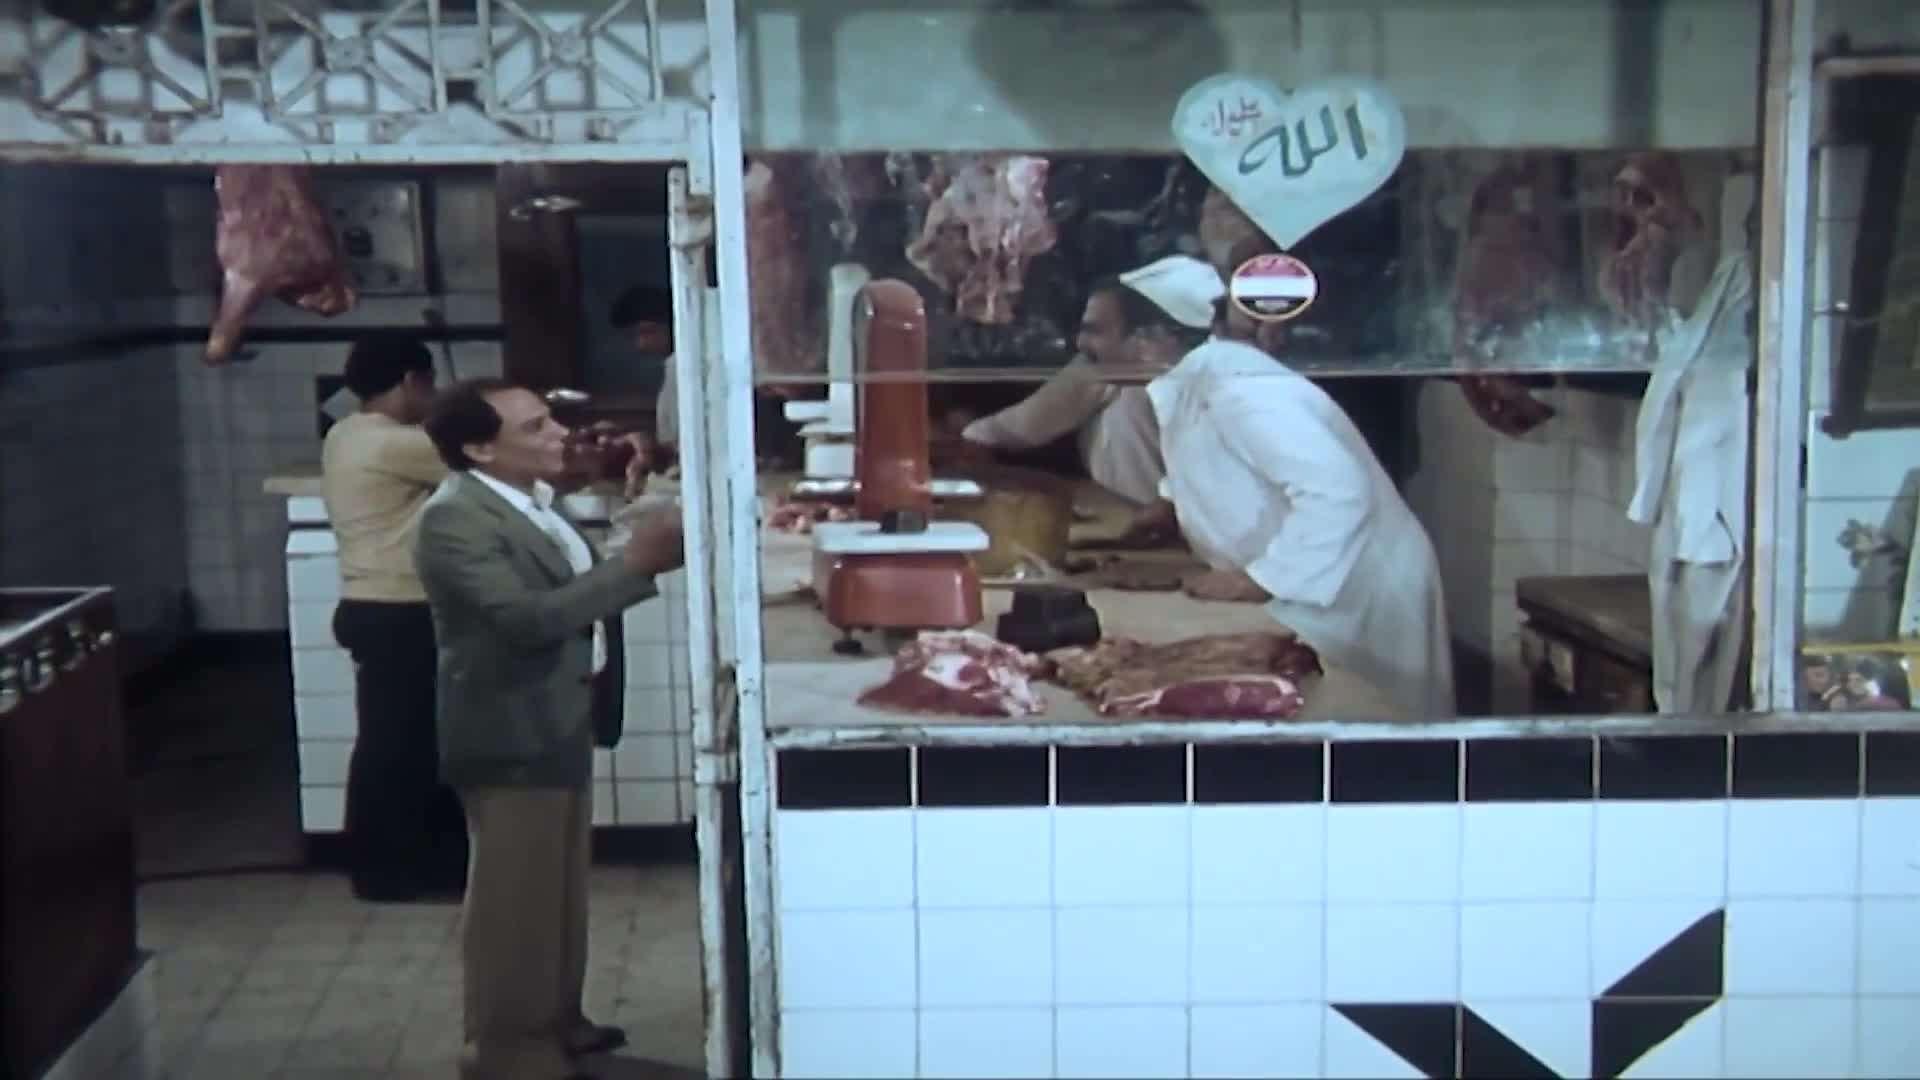 [فيلم][تورنت][تحميل][عصابة حمادة وتوتو][1982][1080p][Web-DL] 3 arabp2p.com